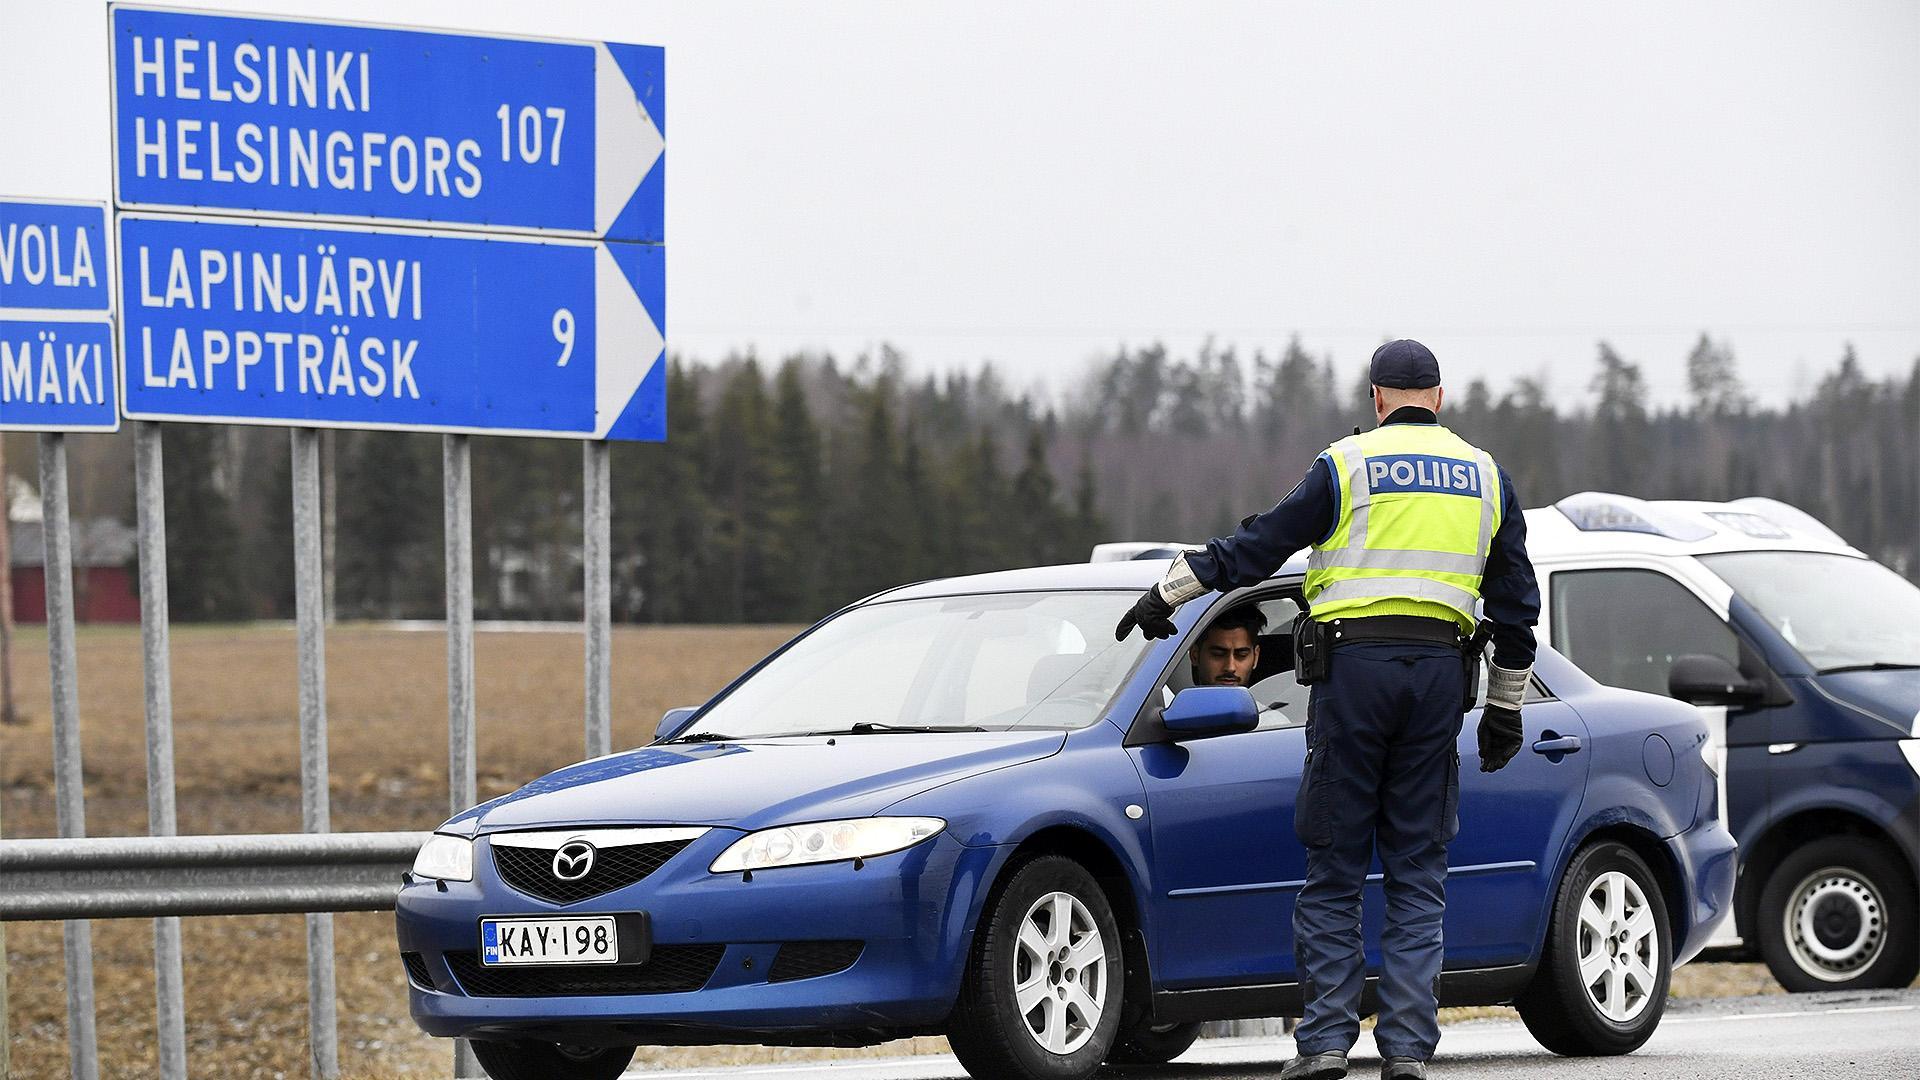 Авто-туризм в Финляндии после коронавируса